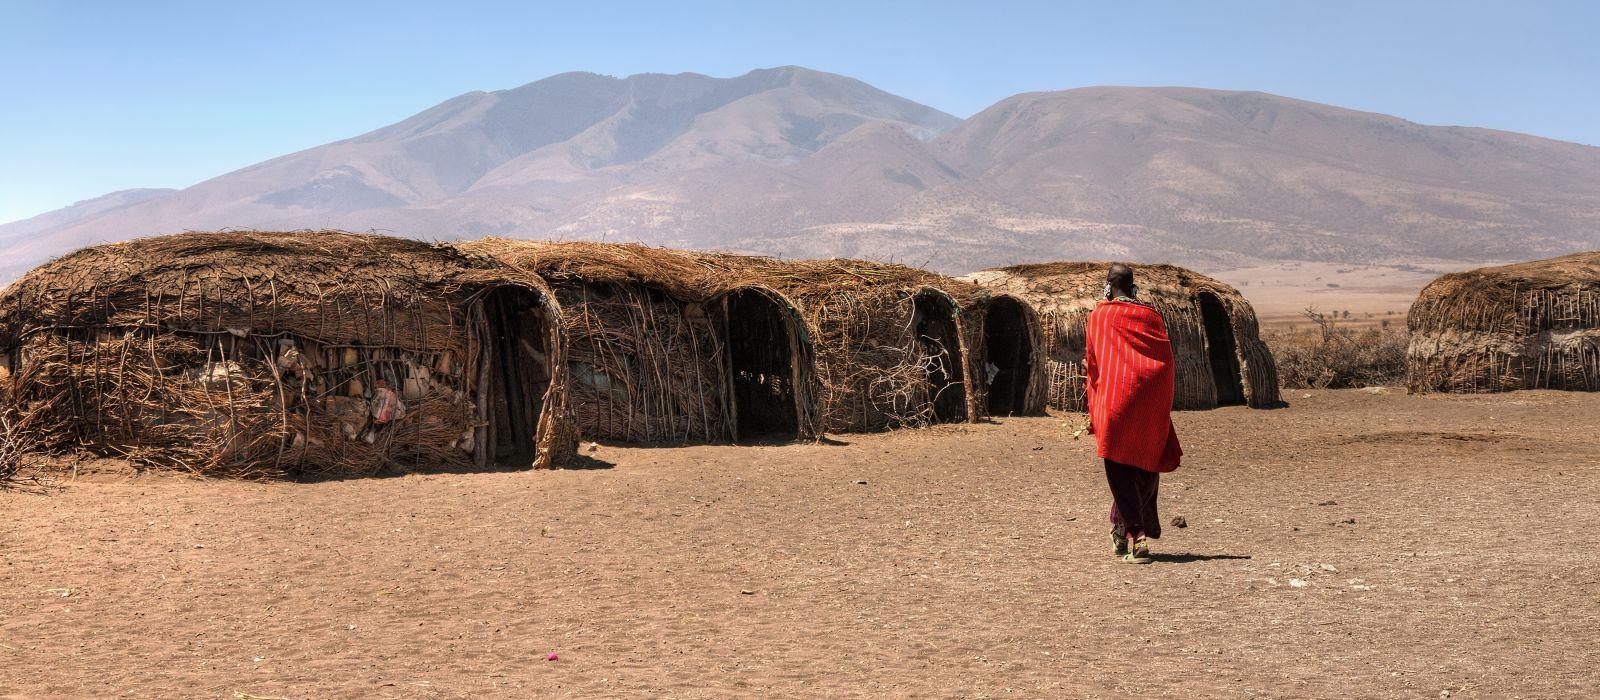 Massai-Hütten mit einer Frau in rot im Hintergrund.